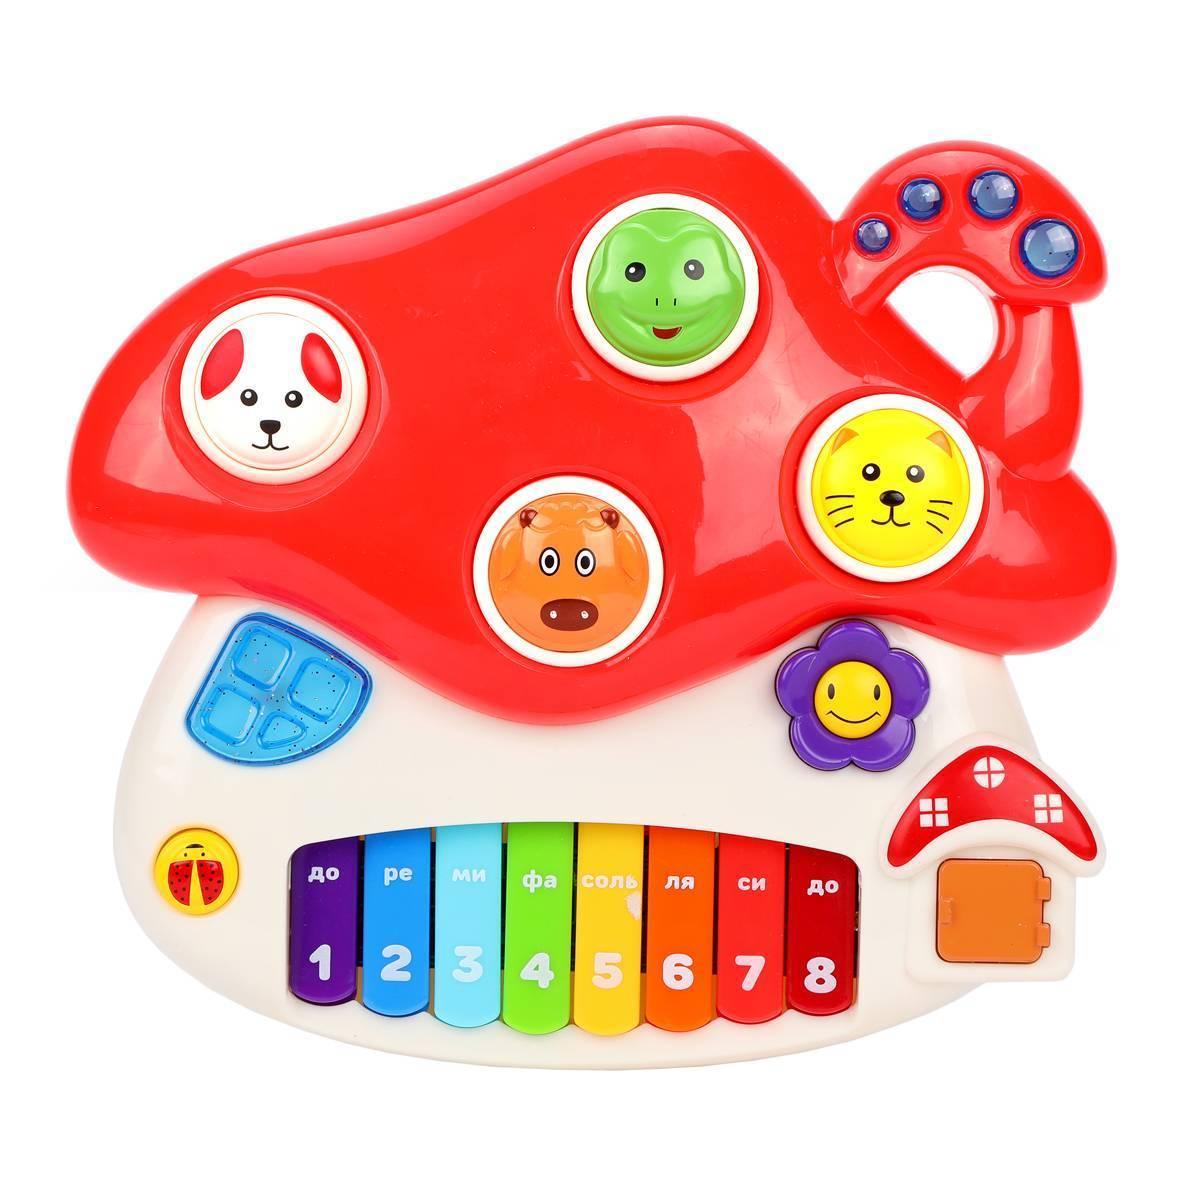 12 советов по выбору развивающих игрушек деткам 3 лет